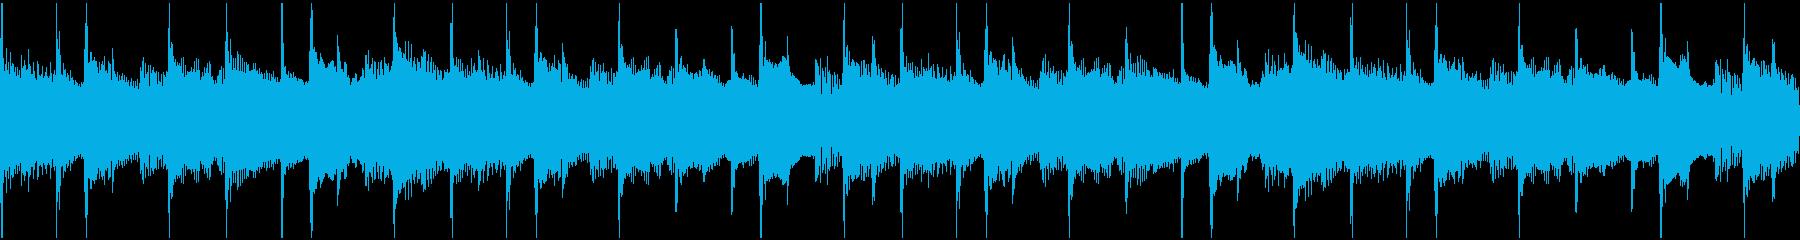 淡々と流れる無機質なBGM(ループ)の再生済みの波形